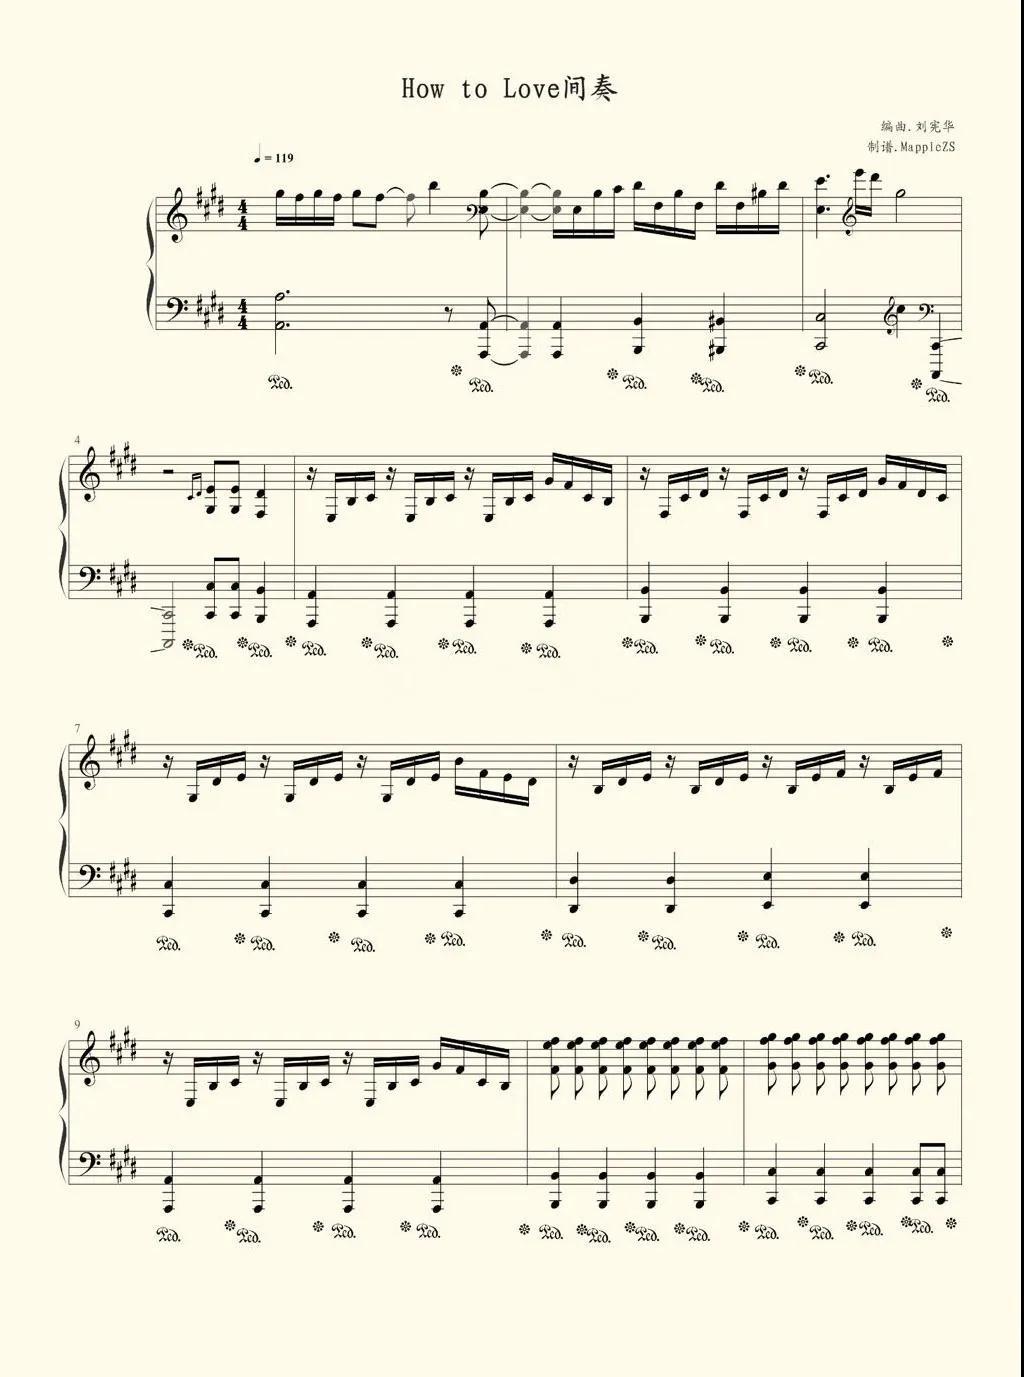 钢琴版《How To Love》演奏及乐谱分享